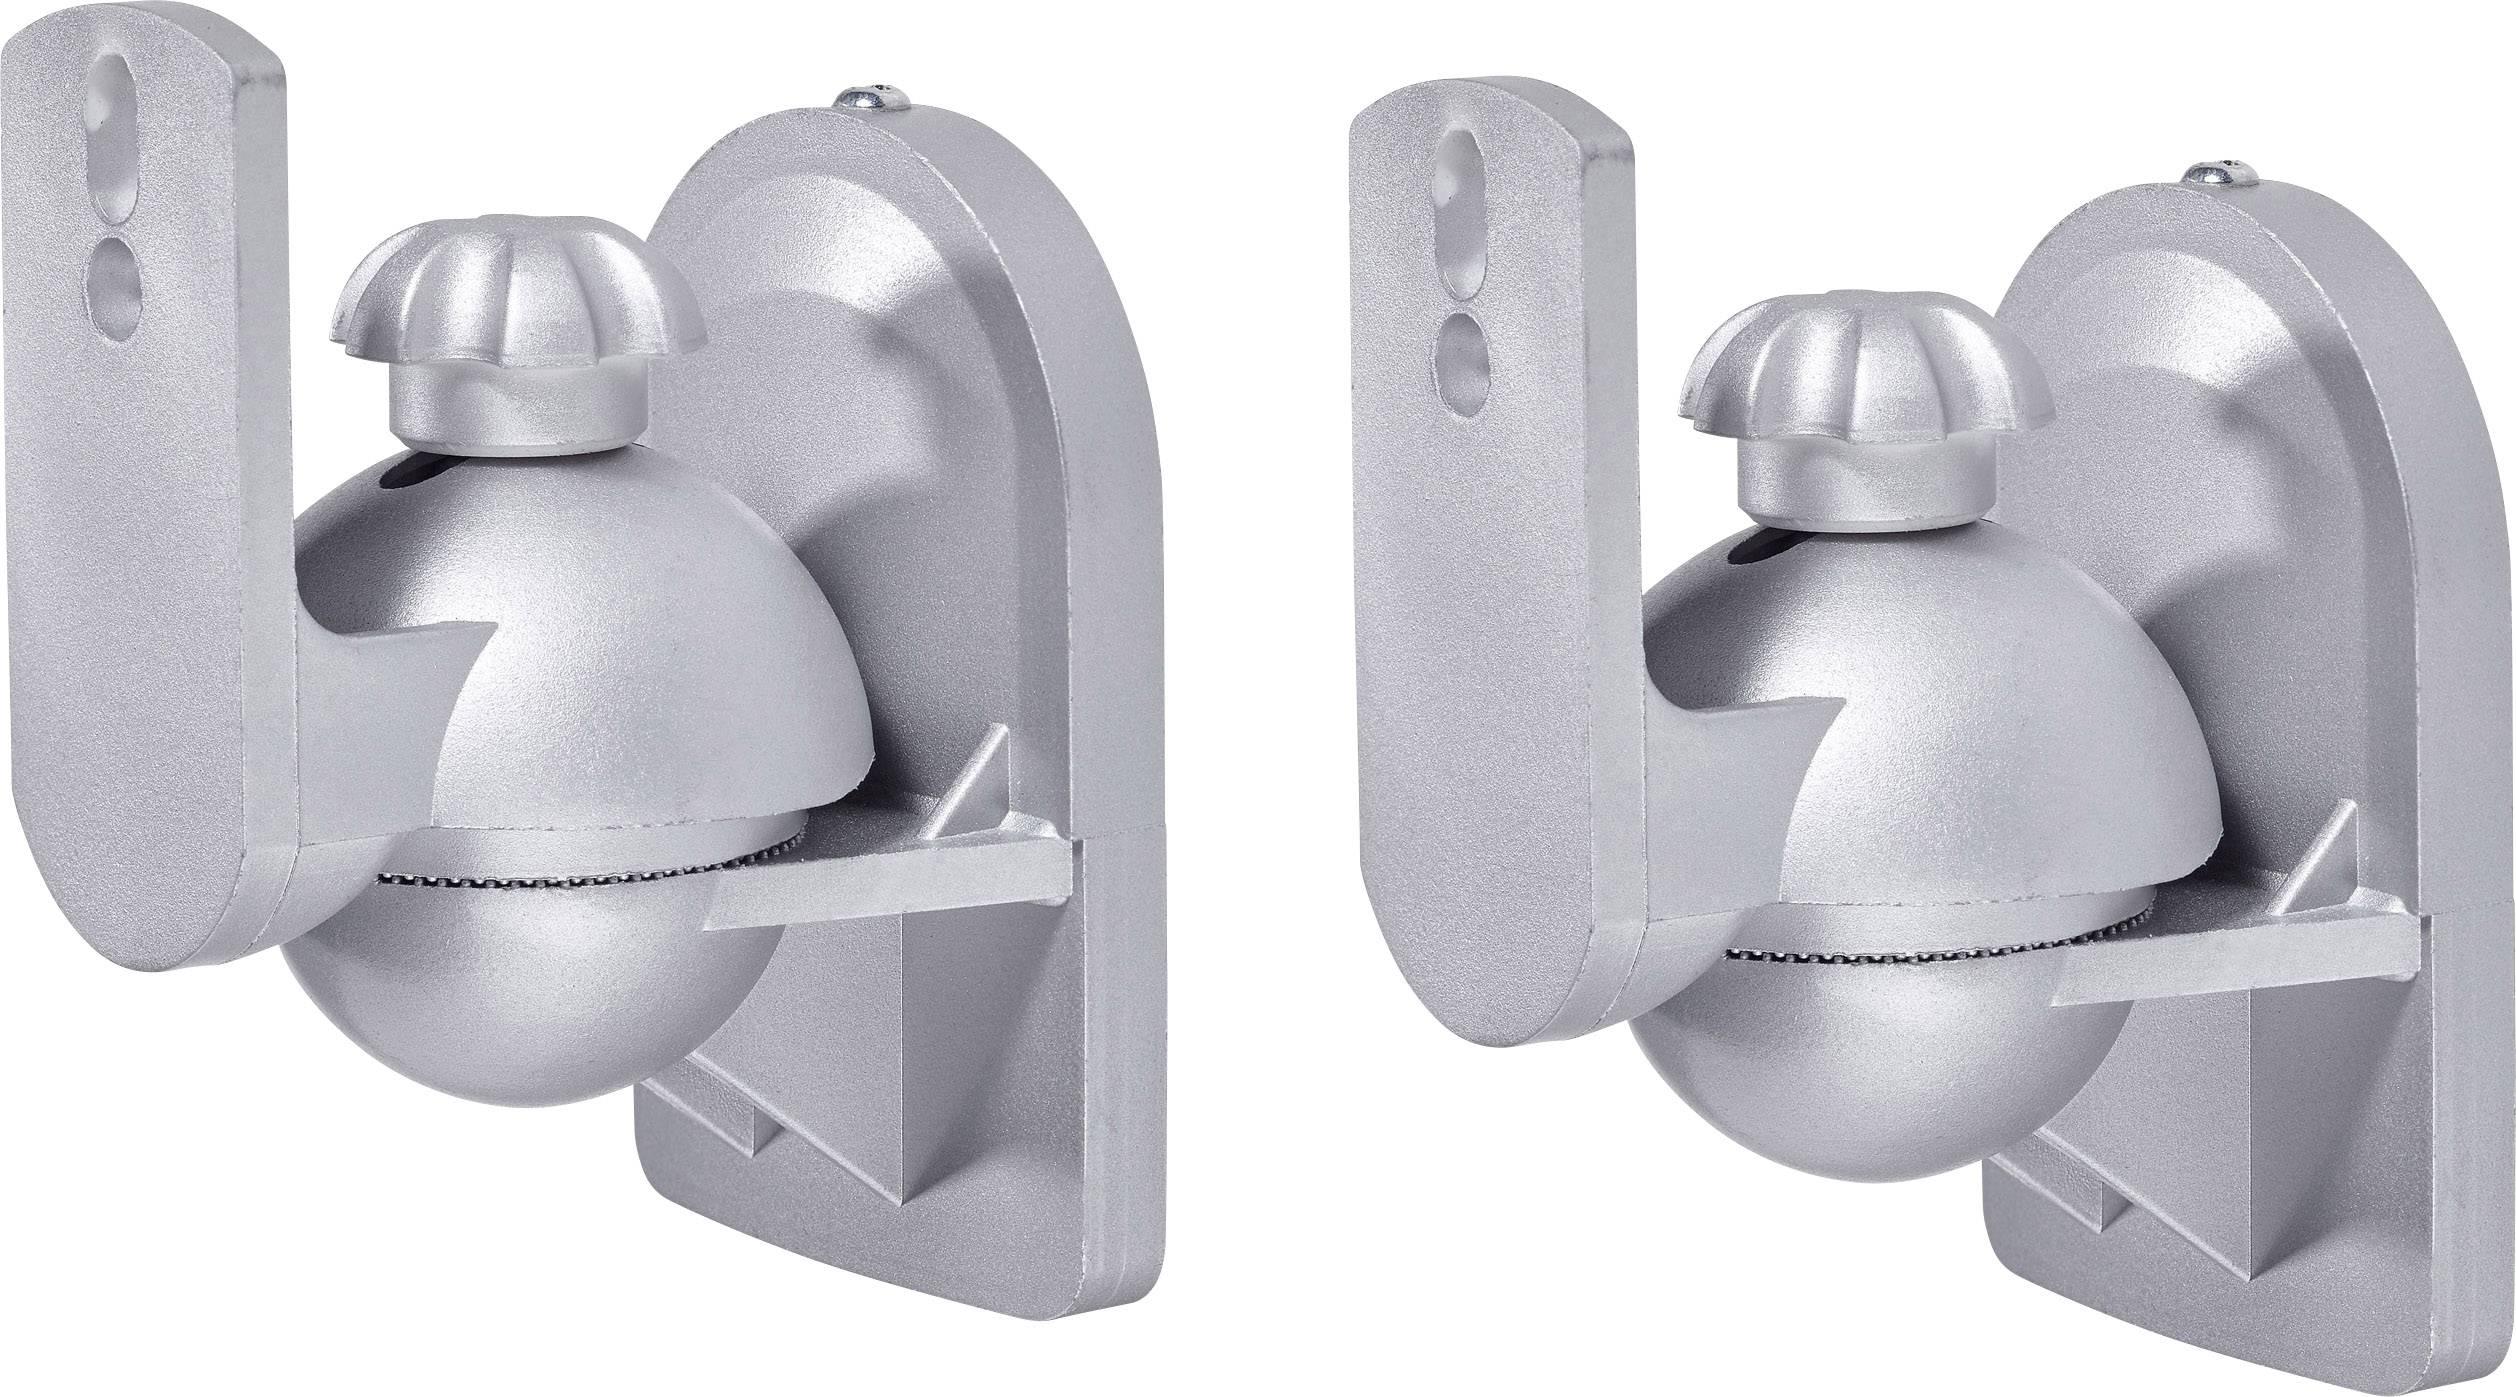 Držiak na stenu pre reproduktory SpeaKa Professional SP-5665420, strieborná, 1 pár